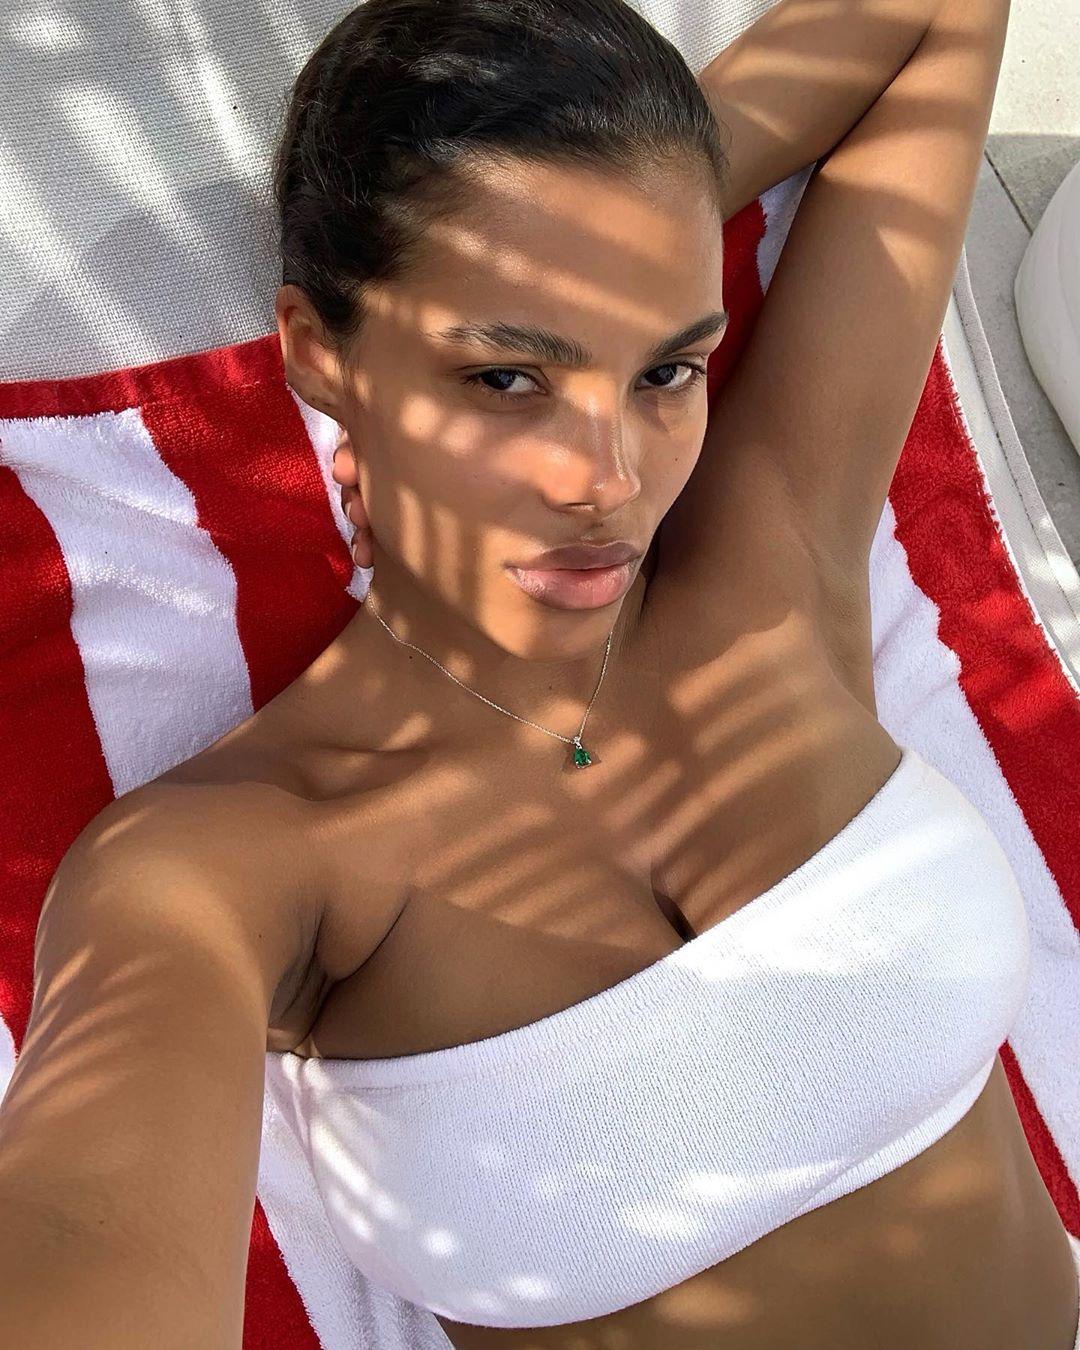 Пляжная муза: Тина Кунаки восхитила идеальной формой и пышной грудью